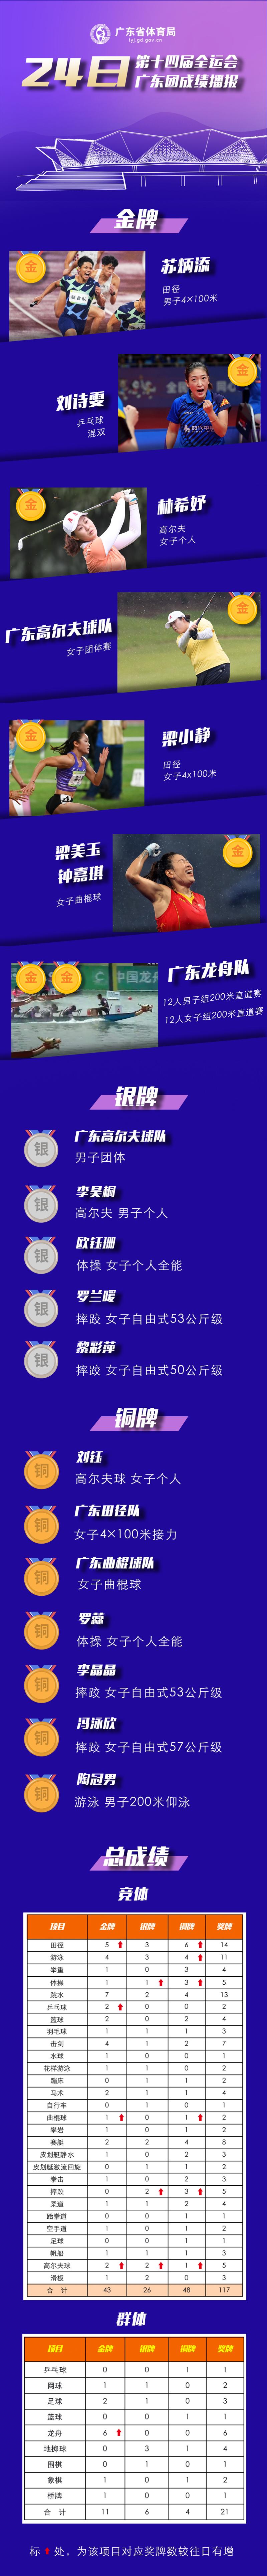 全运看广东 24日奖牌丰收,成绩单有点长……